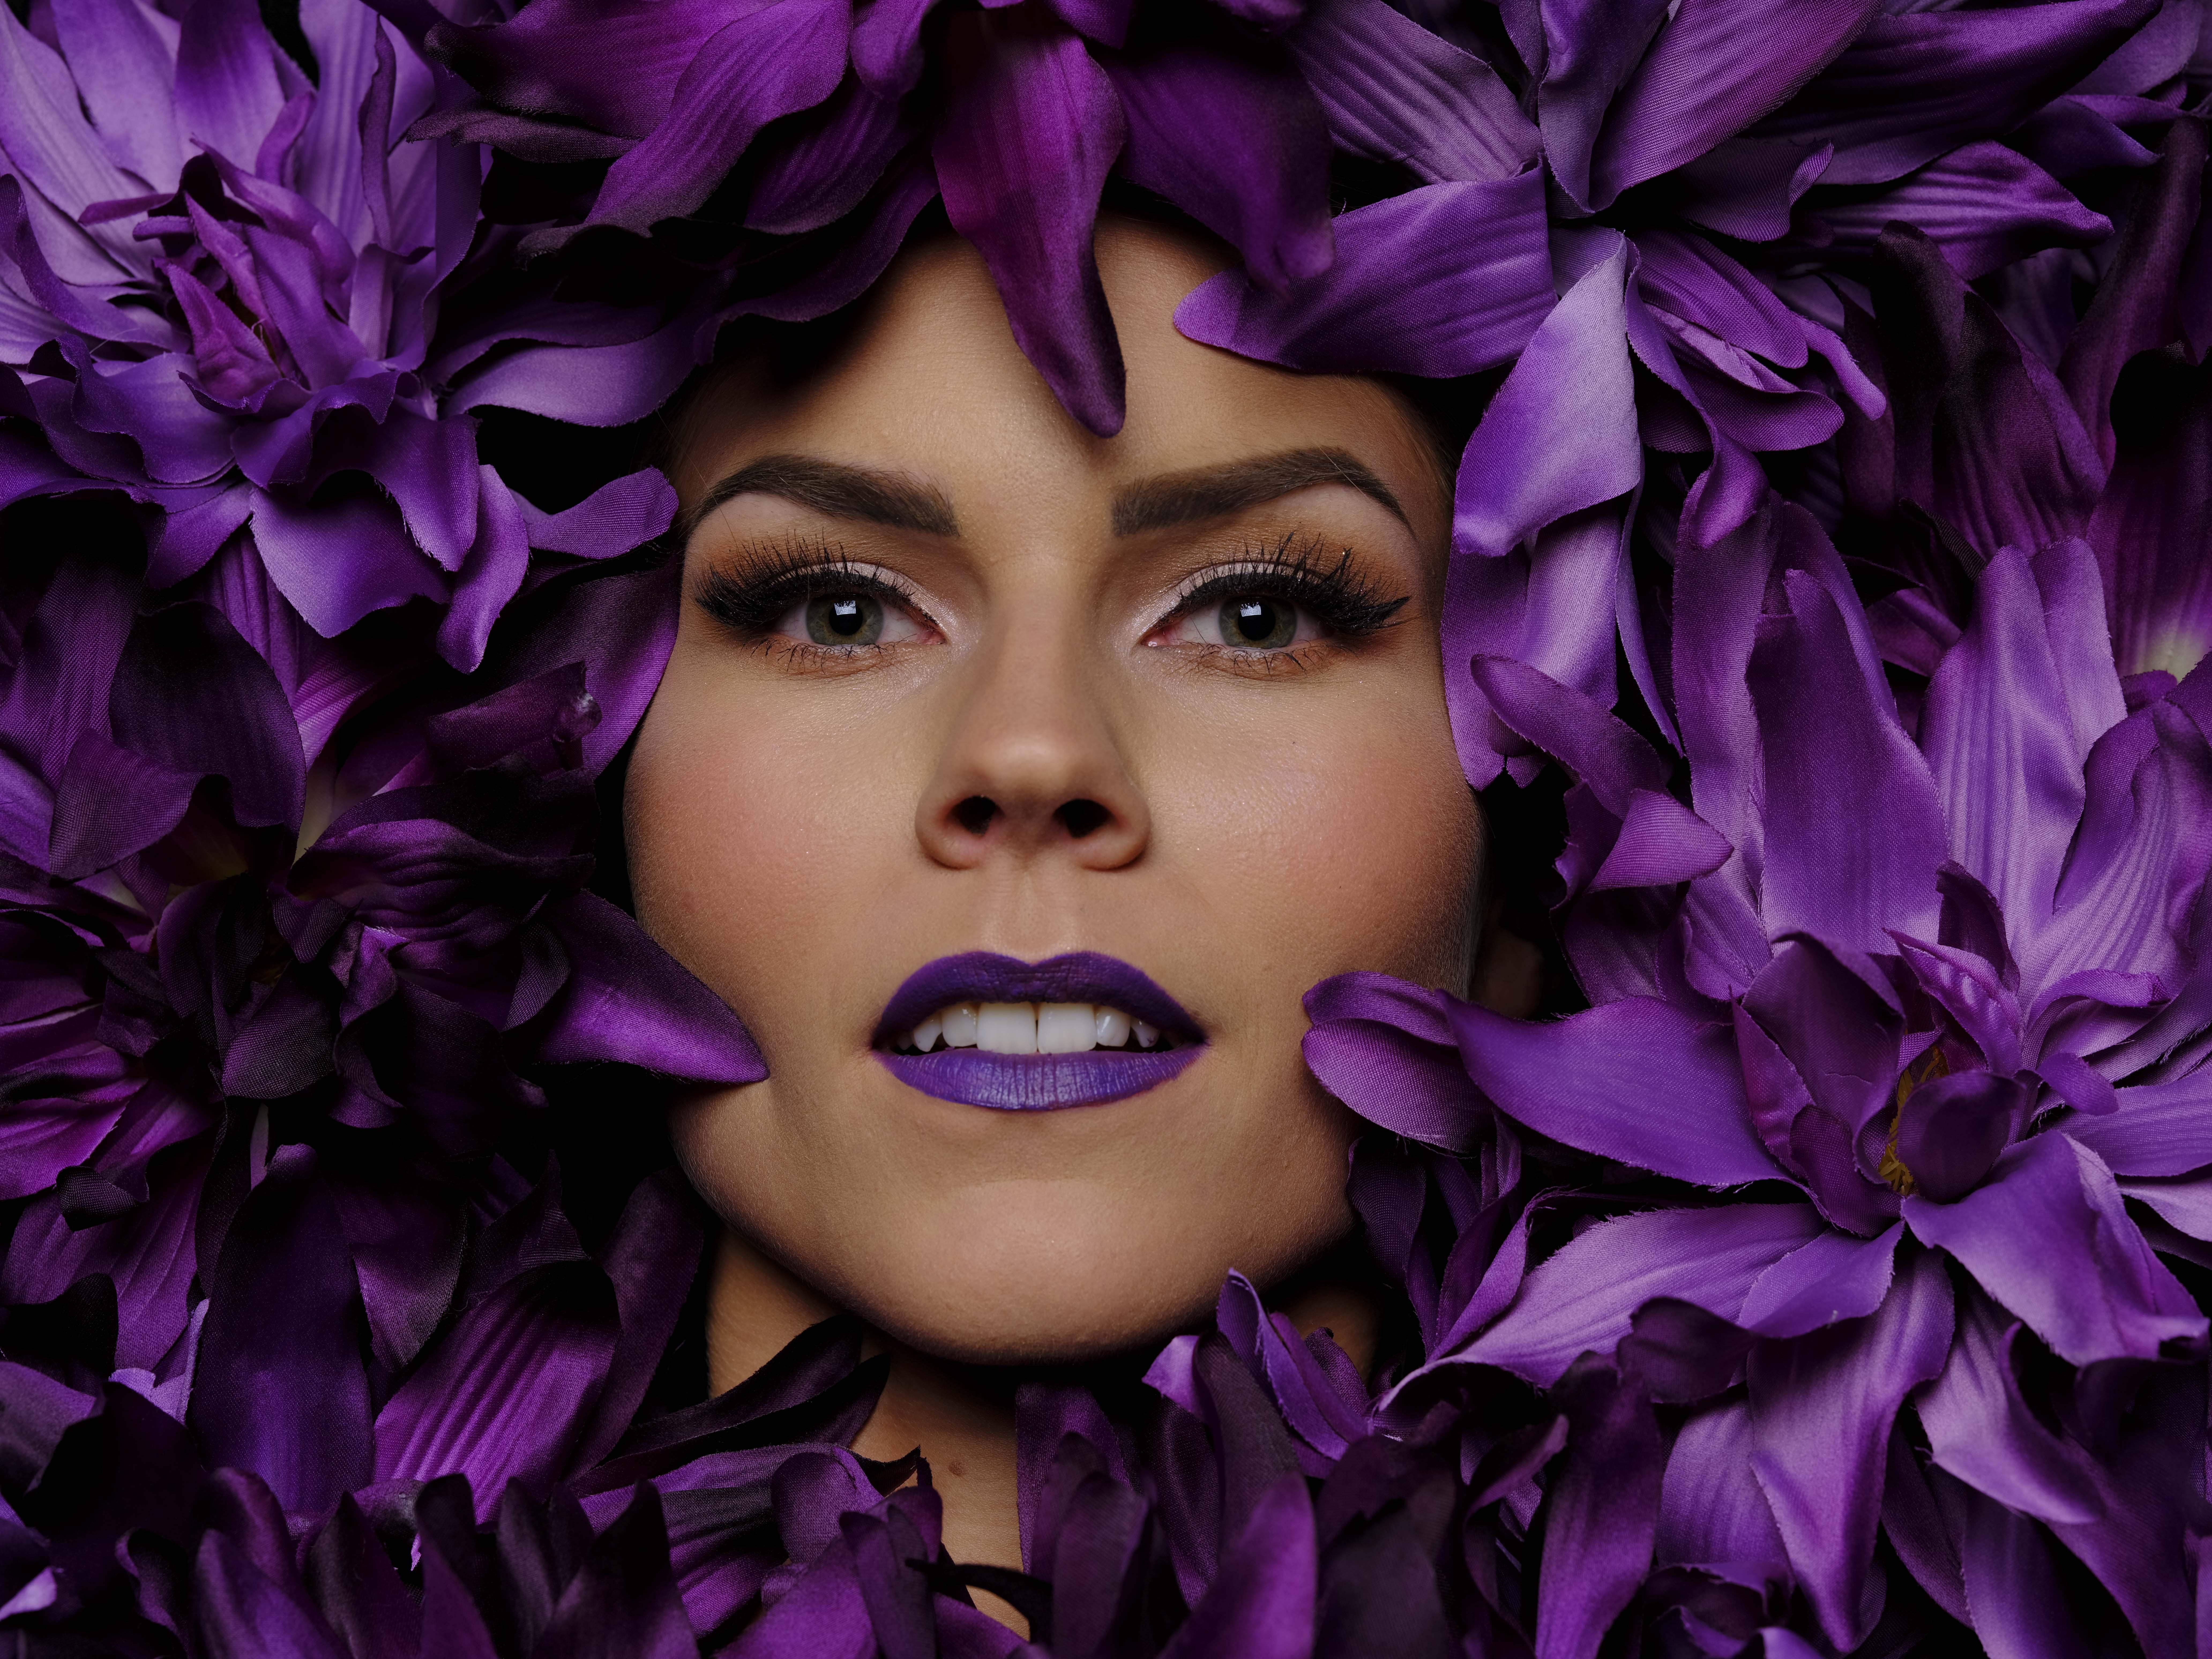 Flower Explosion - Nadine K.